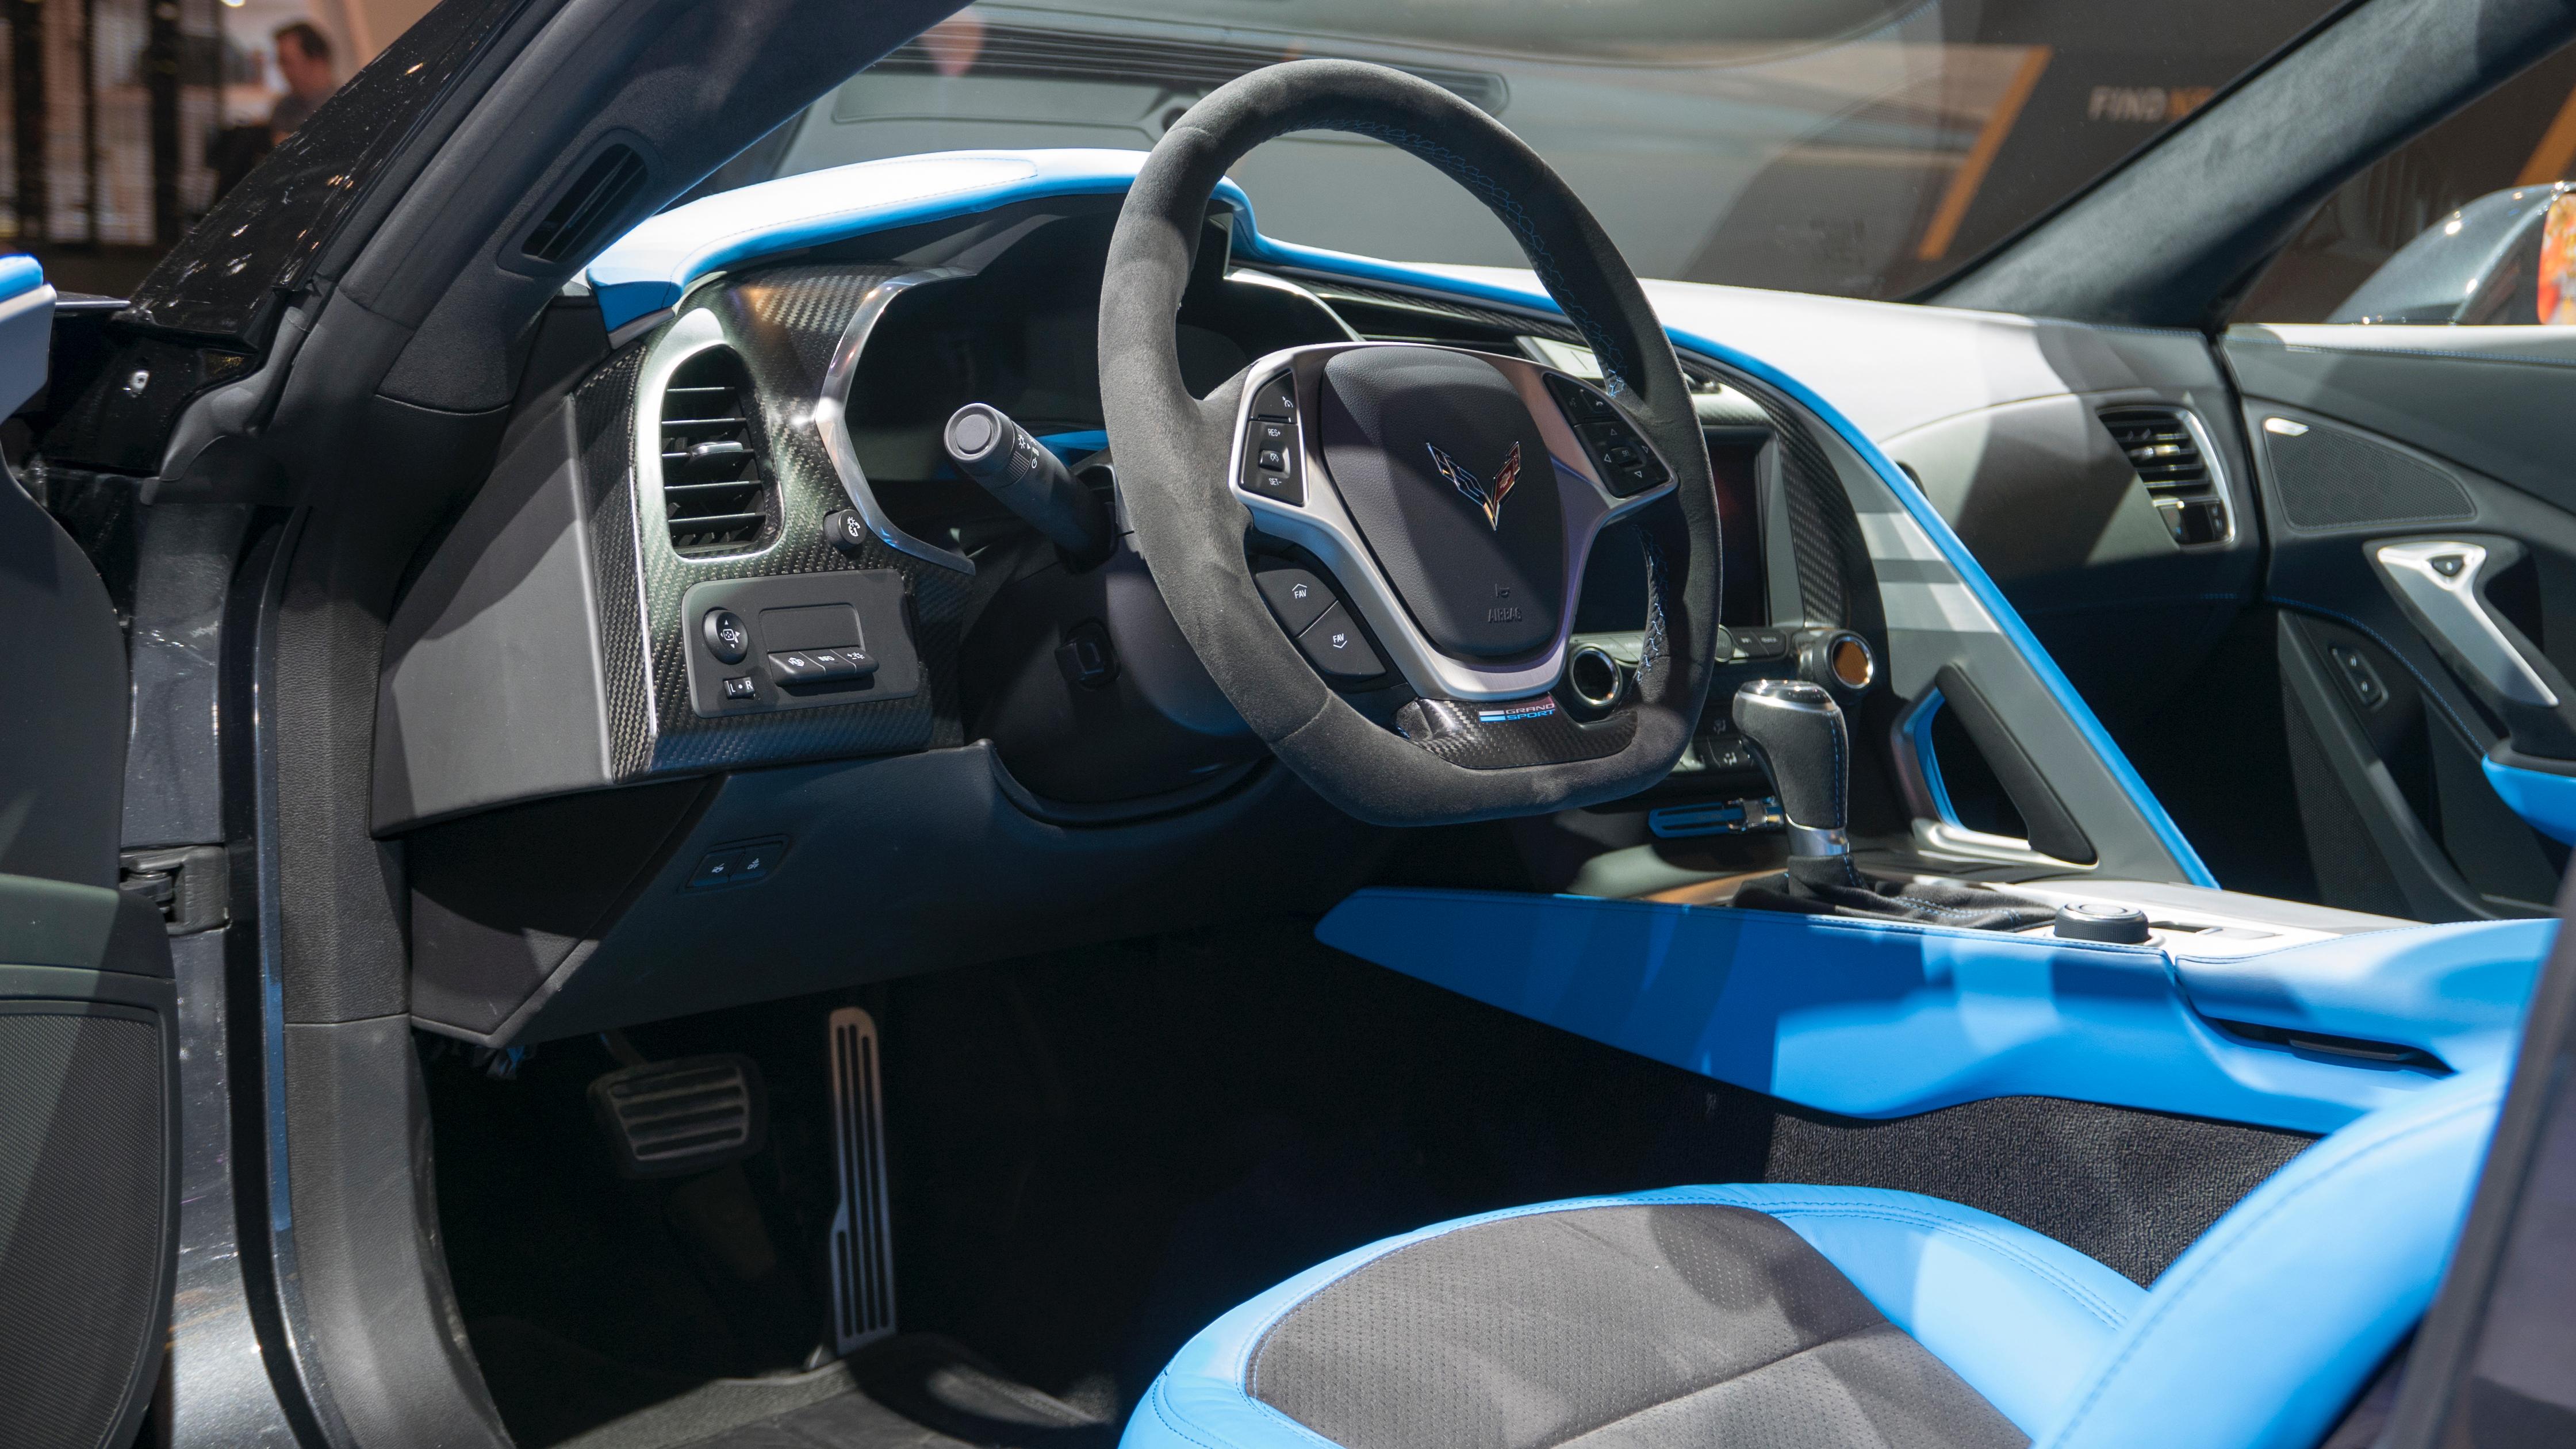 Grand sport corvette intérieur interior photo